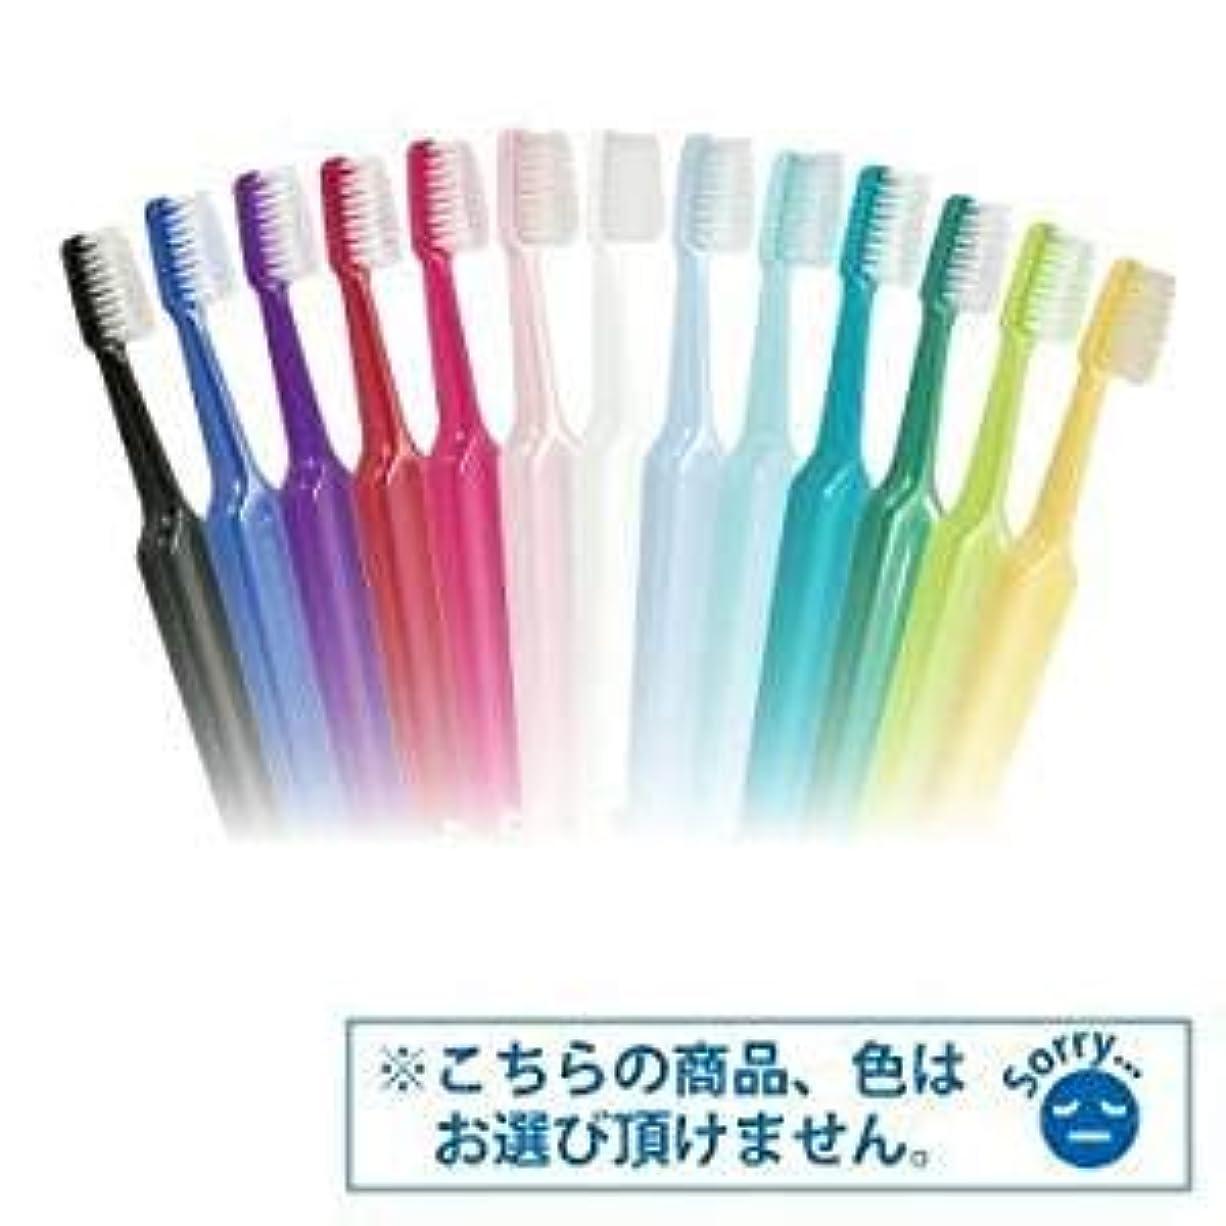 シードやめる長方形Tepe歯ブラシ セレクトコンパクト /ミディアム 10本入り